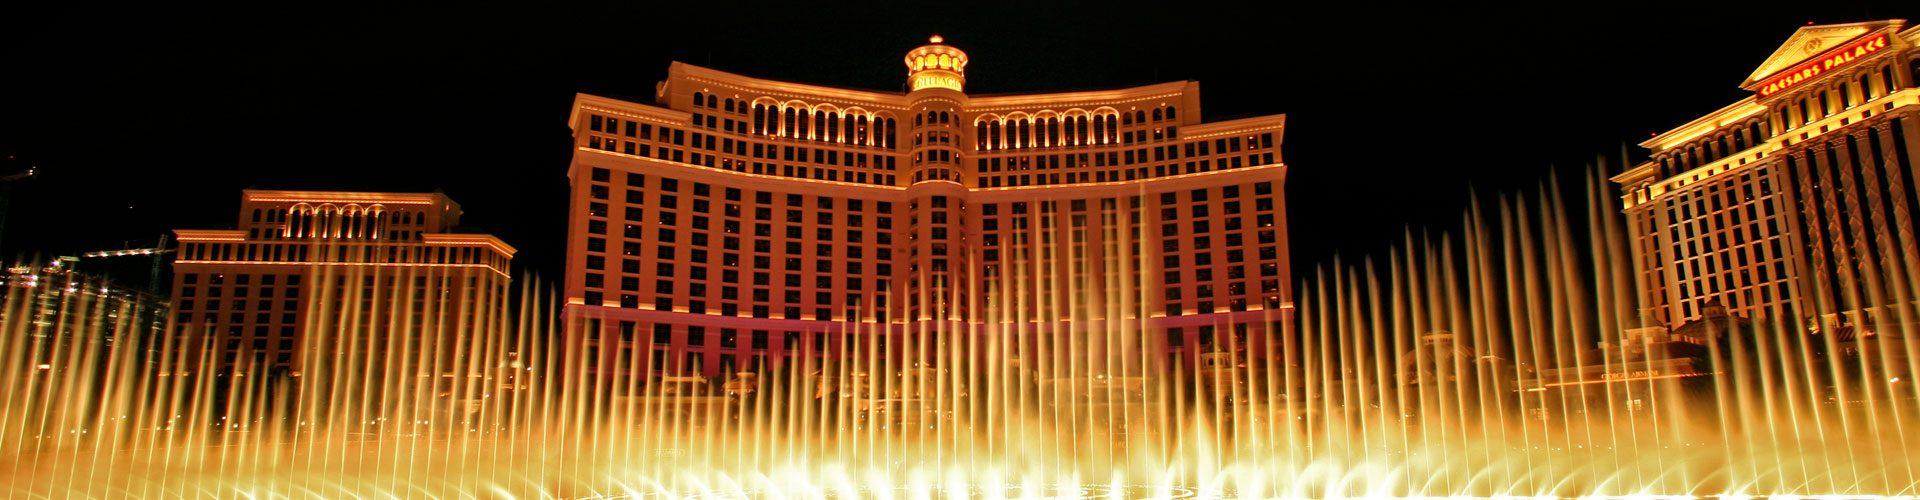 Wasserfontänen im Hotel Bellagio, Las Vegas